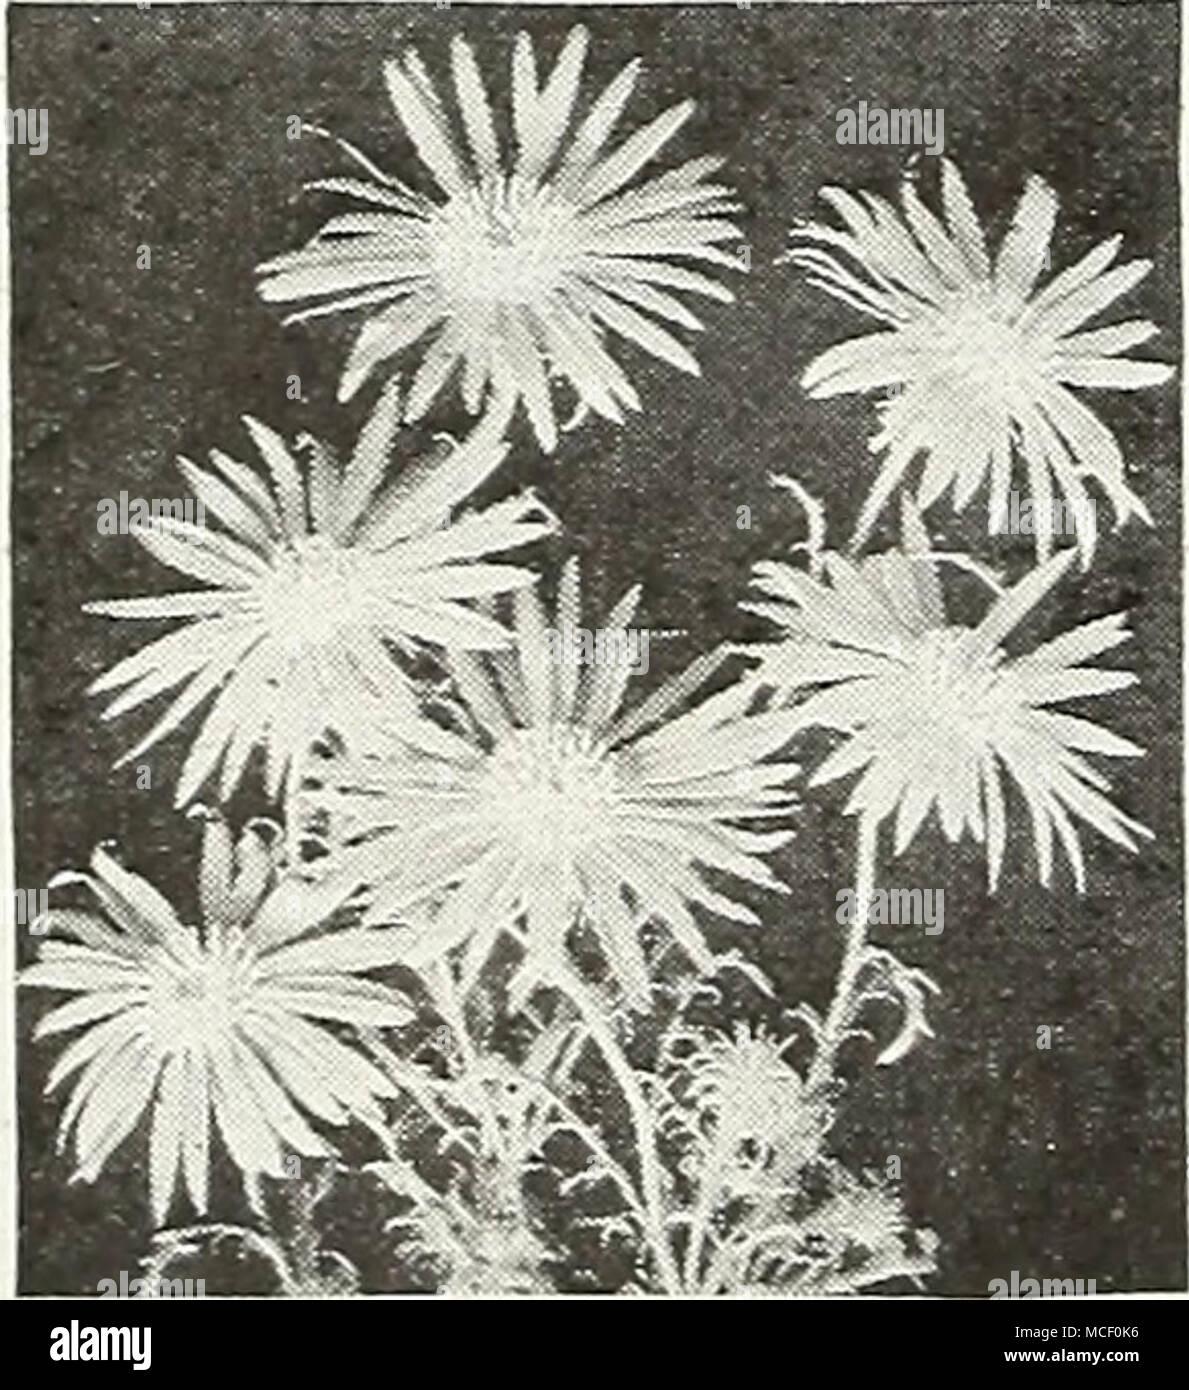 Talioka Daisy 4261 Tahoka Daisy A Machaeranthera Tanacetifolia